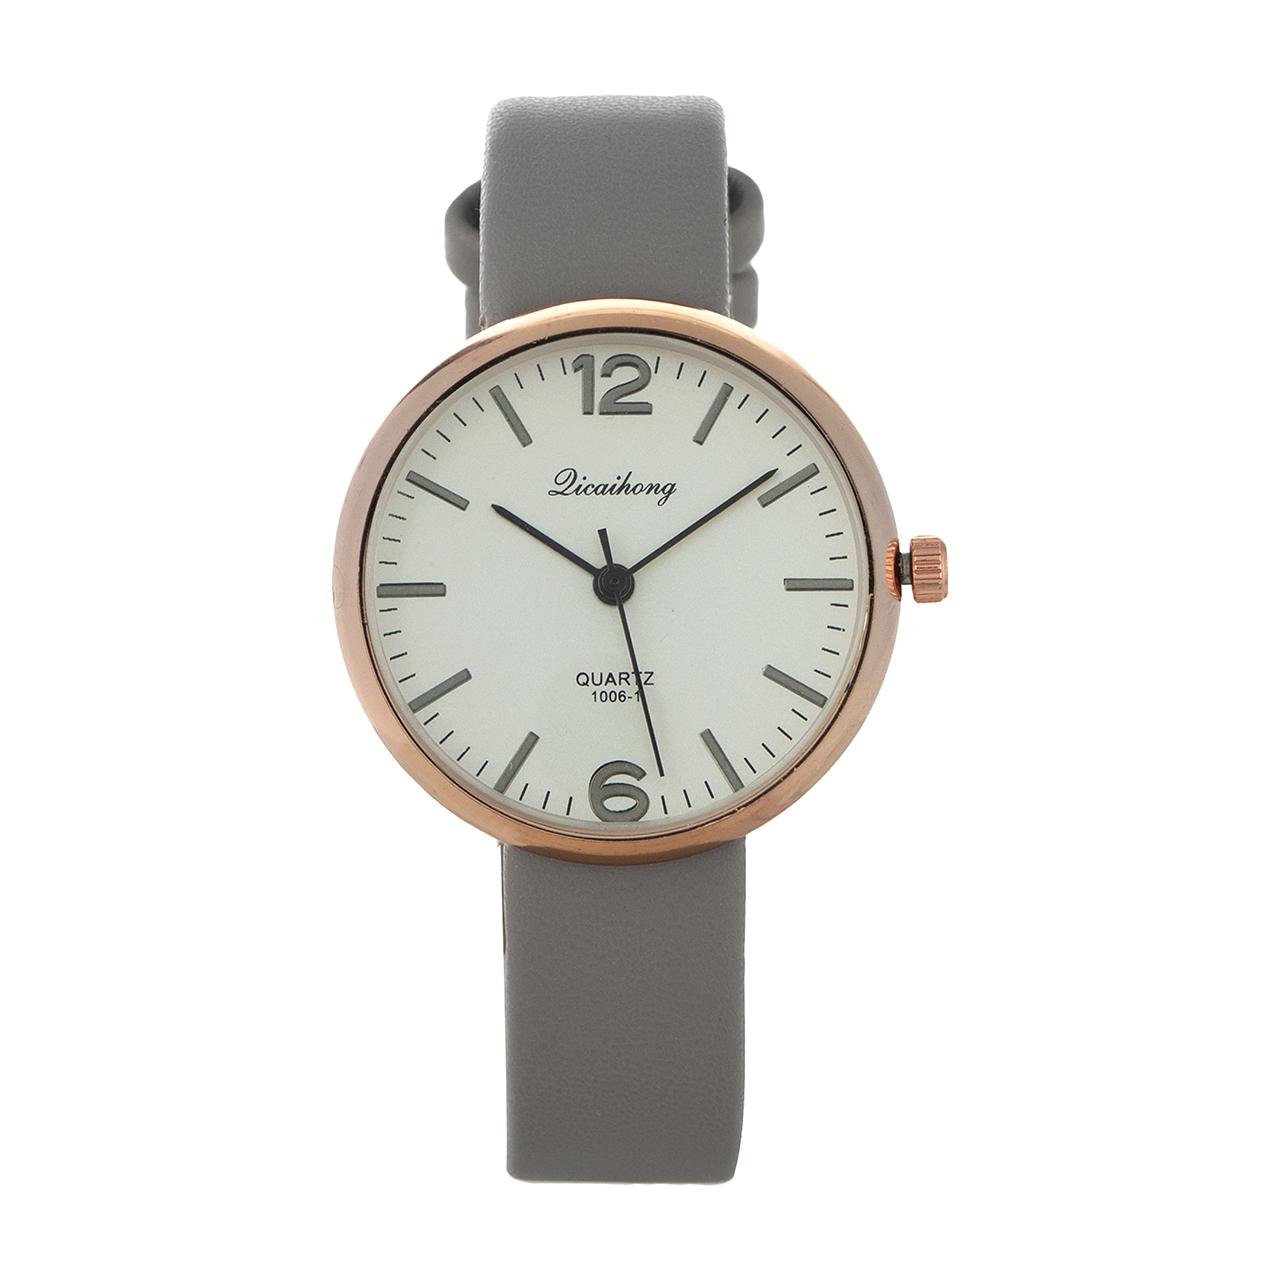 ساعت مچی عقربه ای زنانه دیکایهونگ مدل DW4 کد 1006